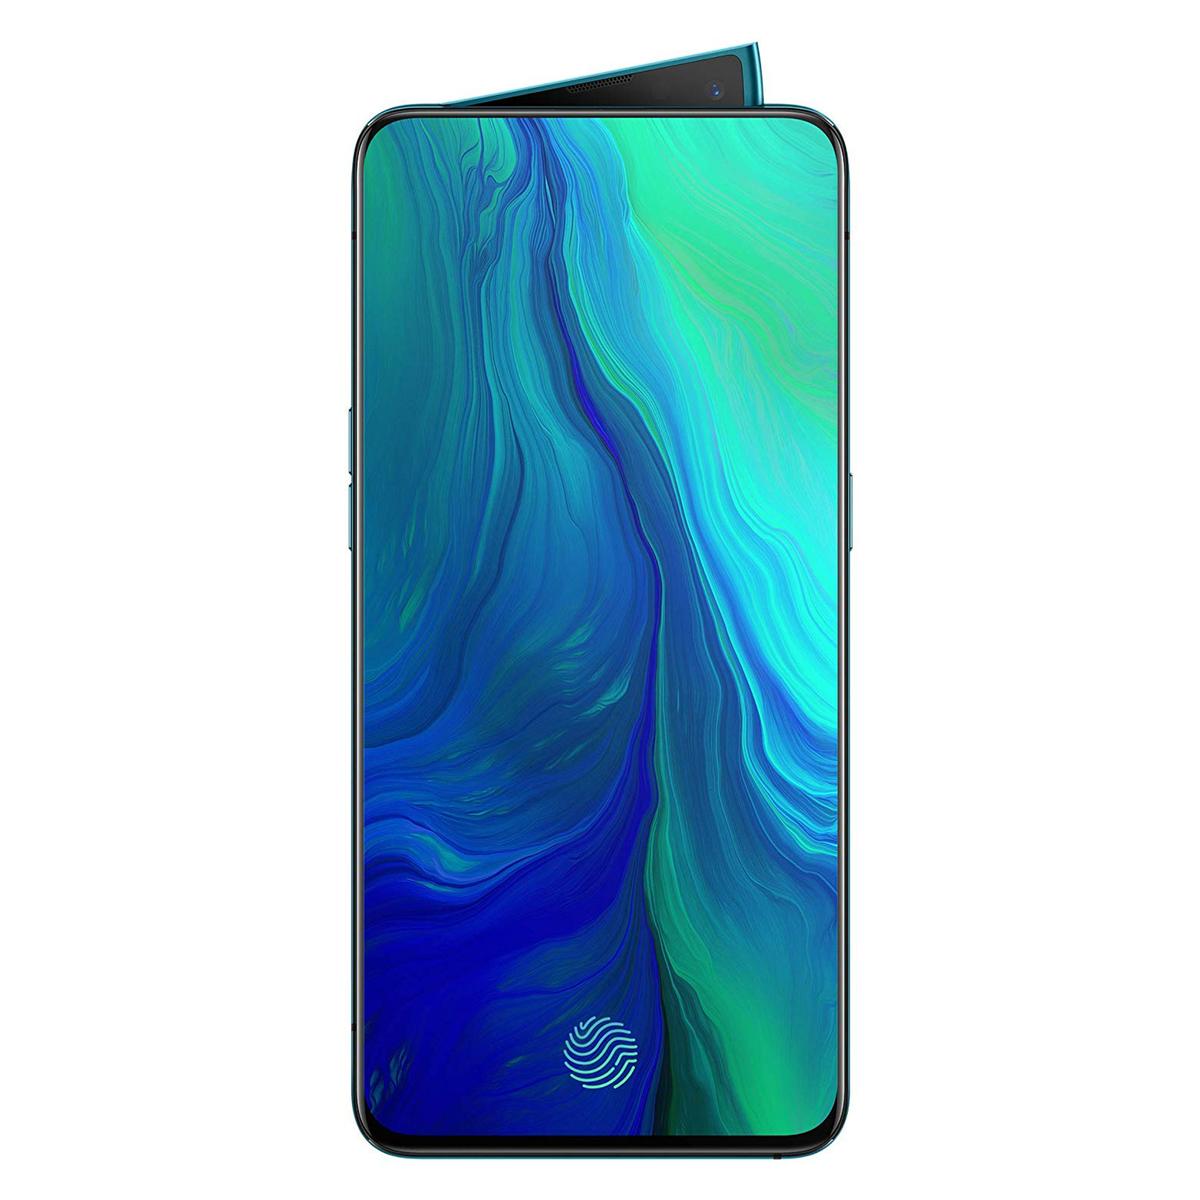 Buy OPPO Reno 10x Zoom 256GB Ocean Green - Smart Phones